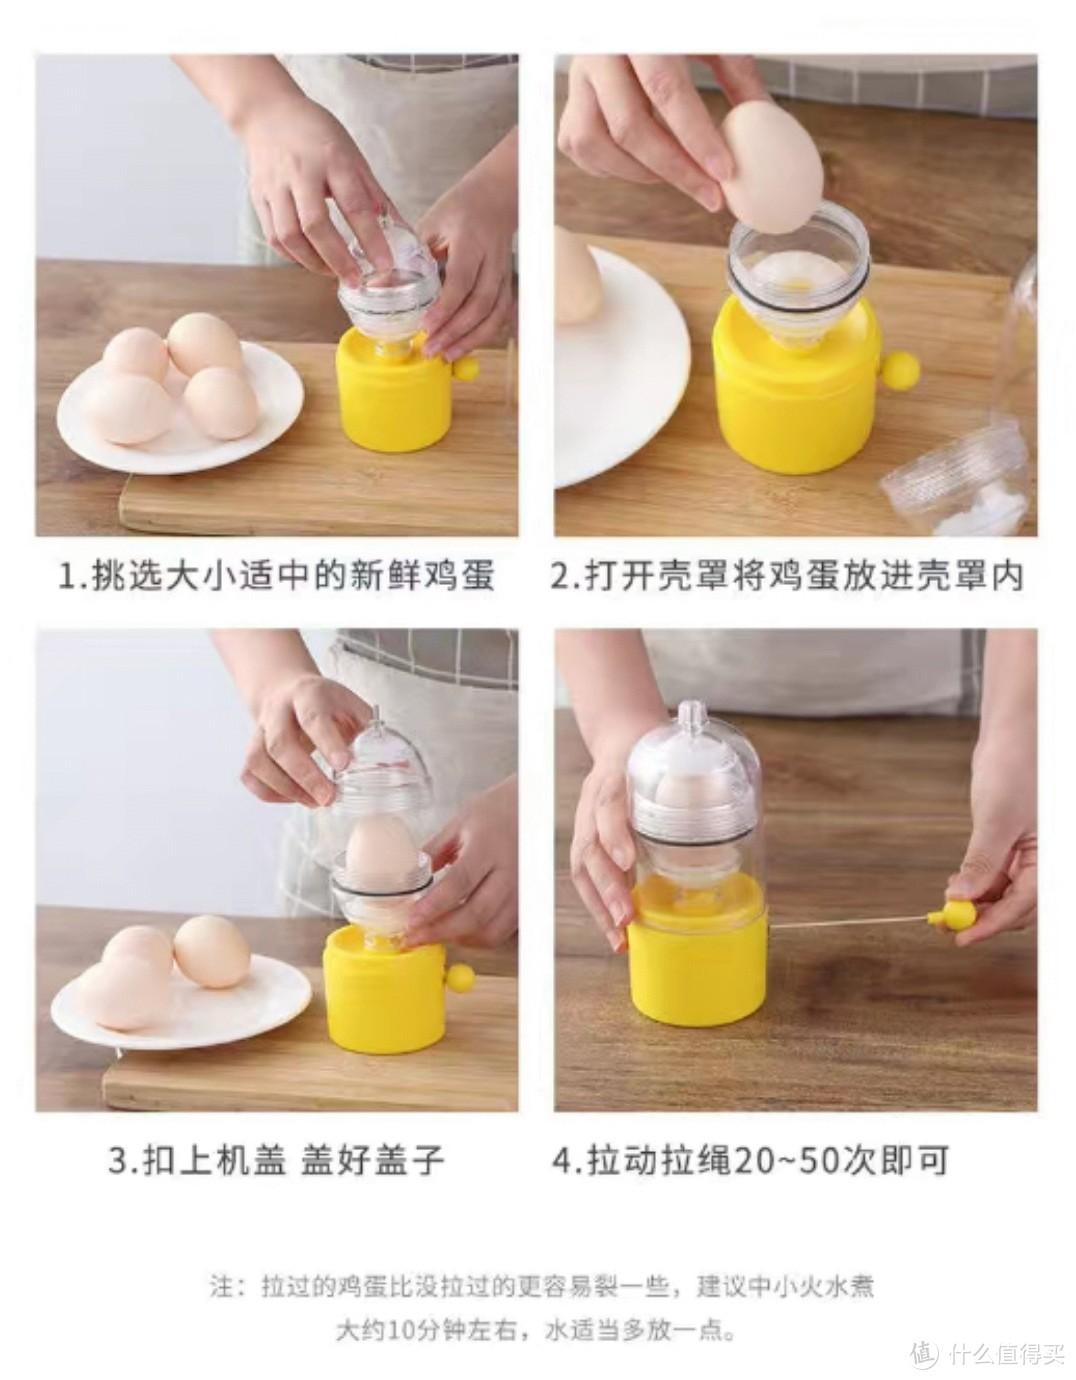 改变鸡蛋的黄金蛋扯蛋器